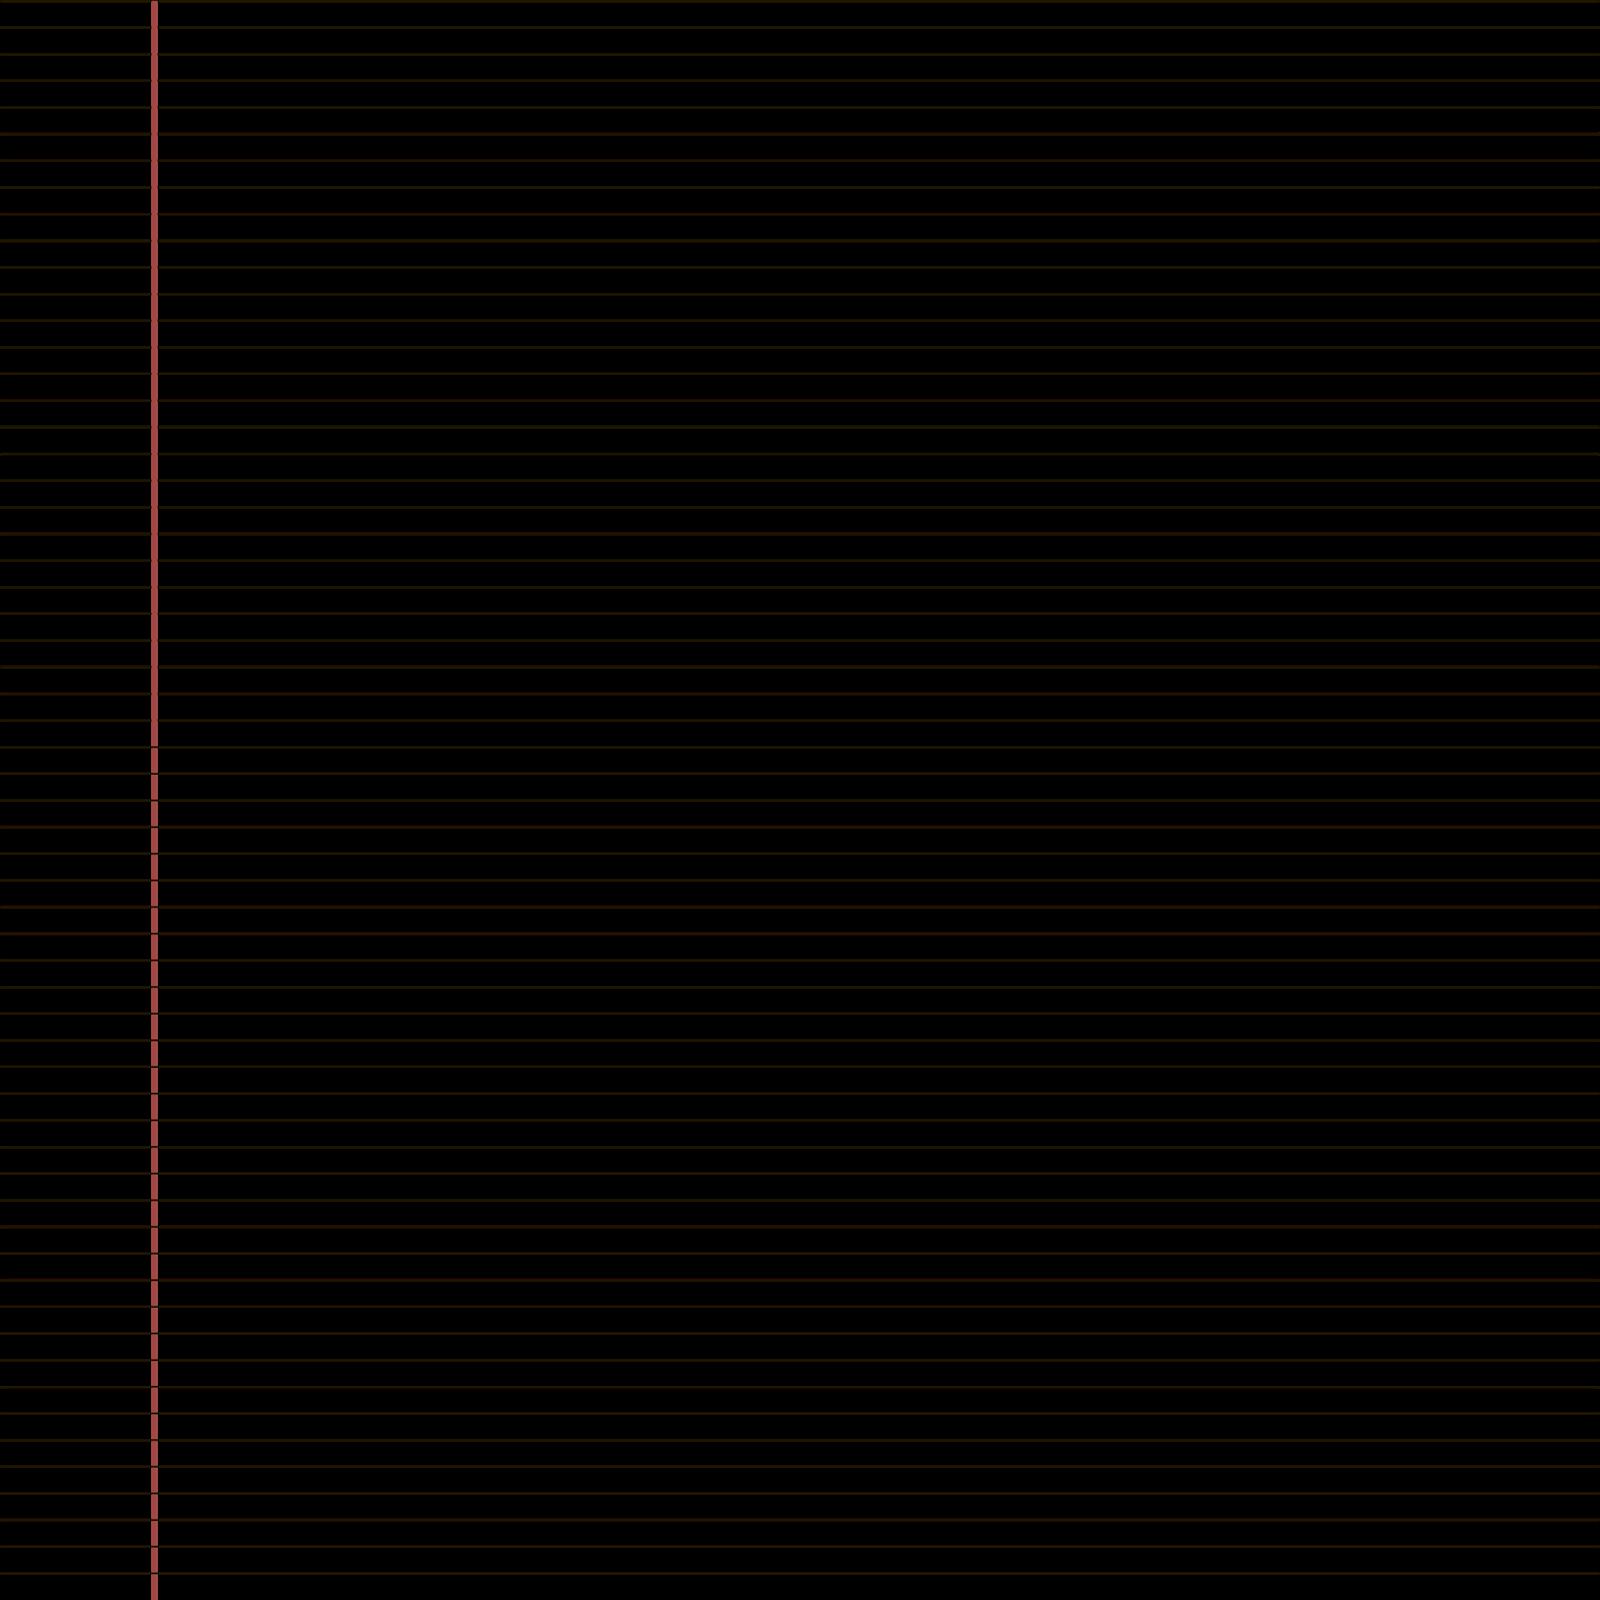 Как сделать линию в Word? Линии под текстом и над ним - myBlaze 38